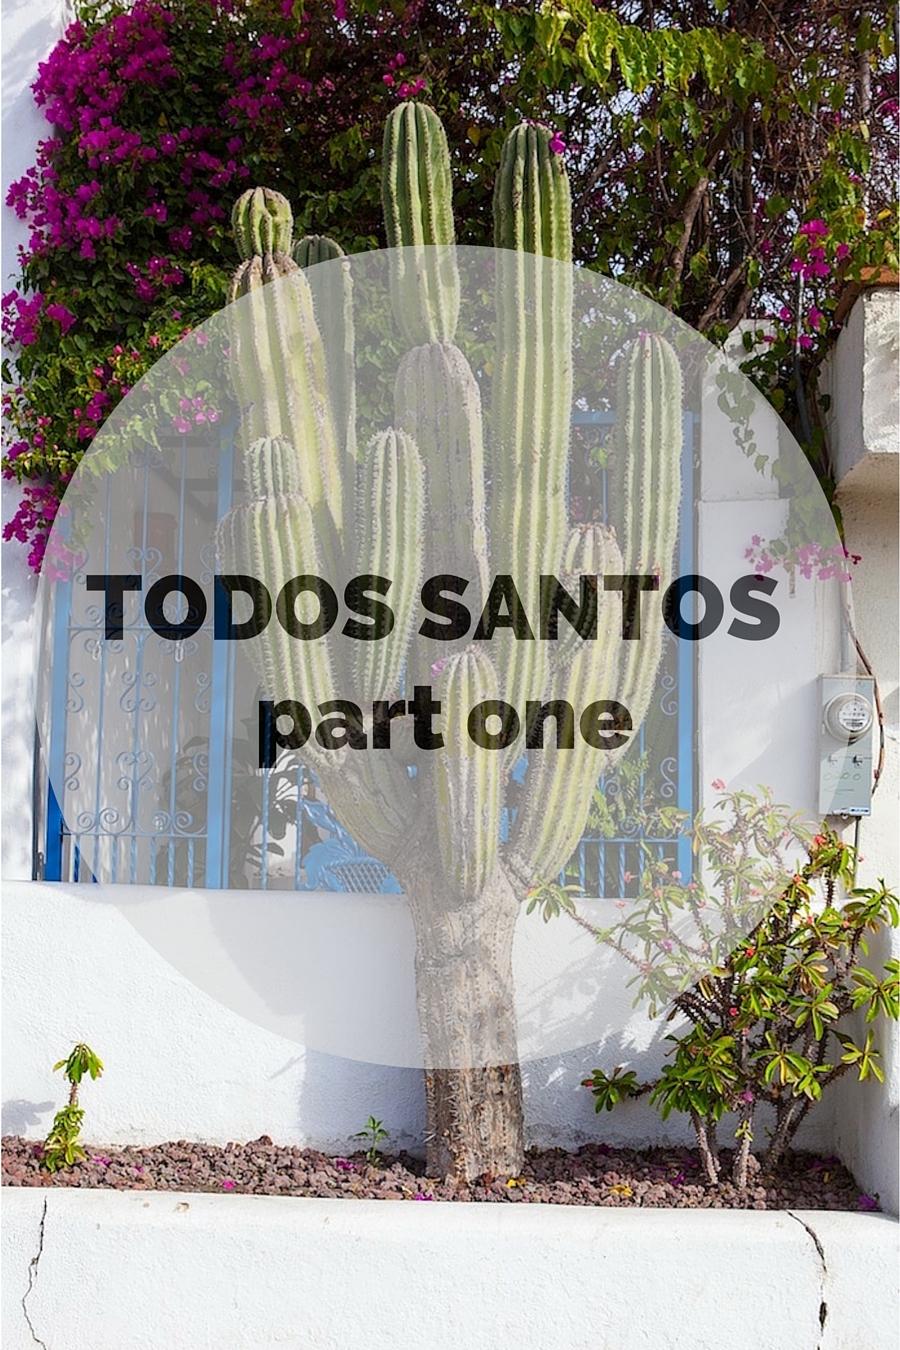 Todos Santos (part one)